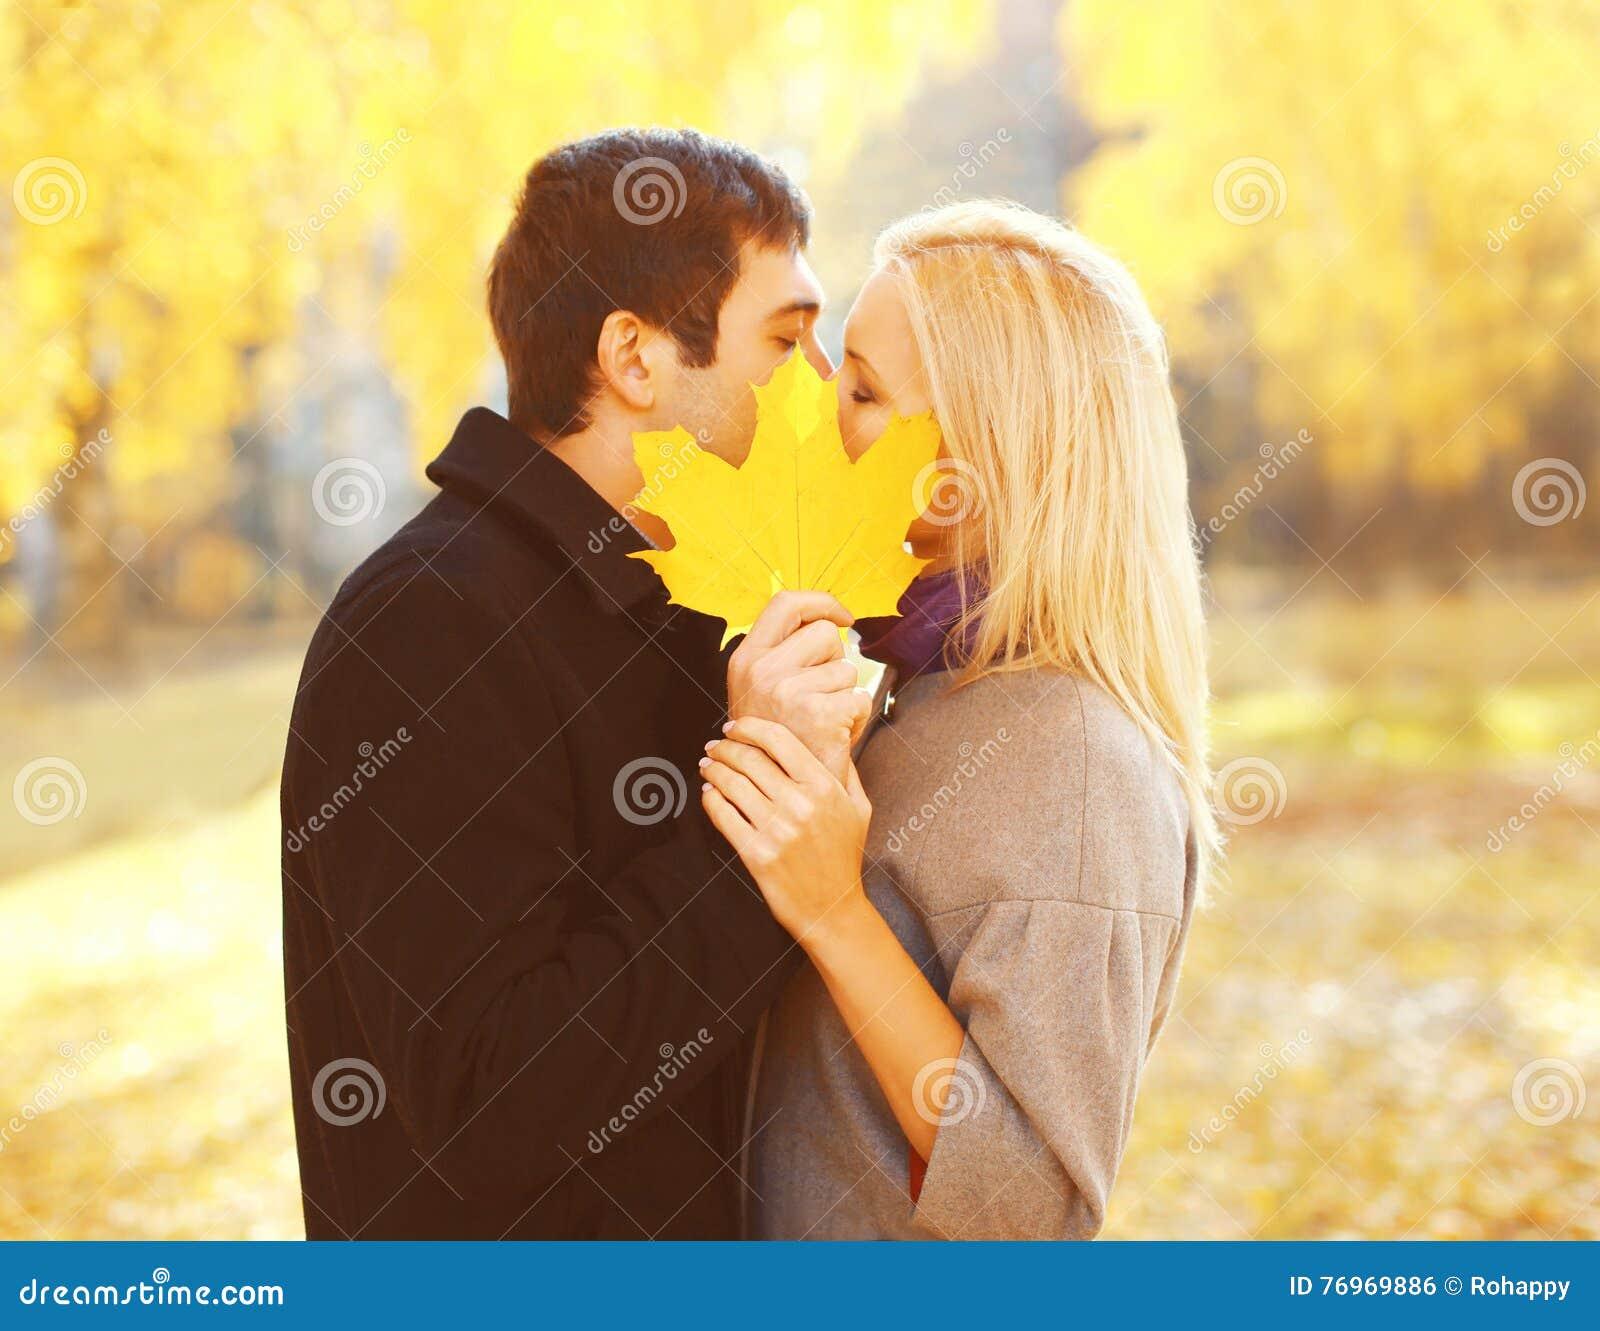 Portret pary młodego kochającego całowania końcowy żółty liść klonowy w ciepłej pogodnej jesieni